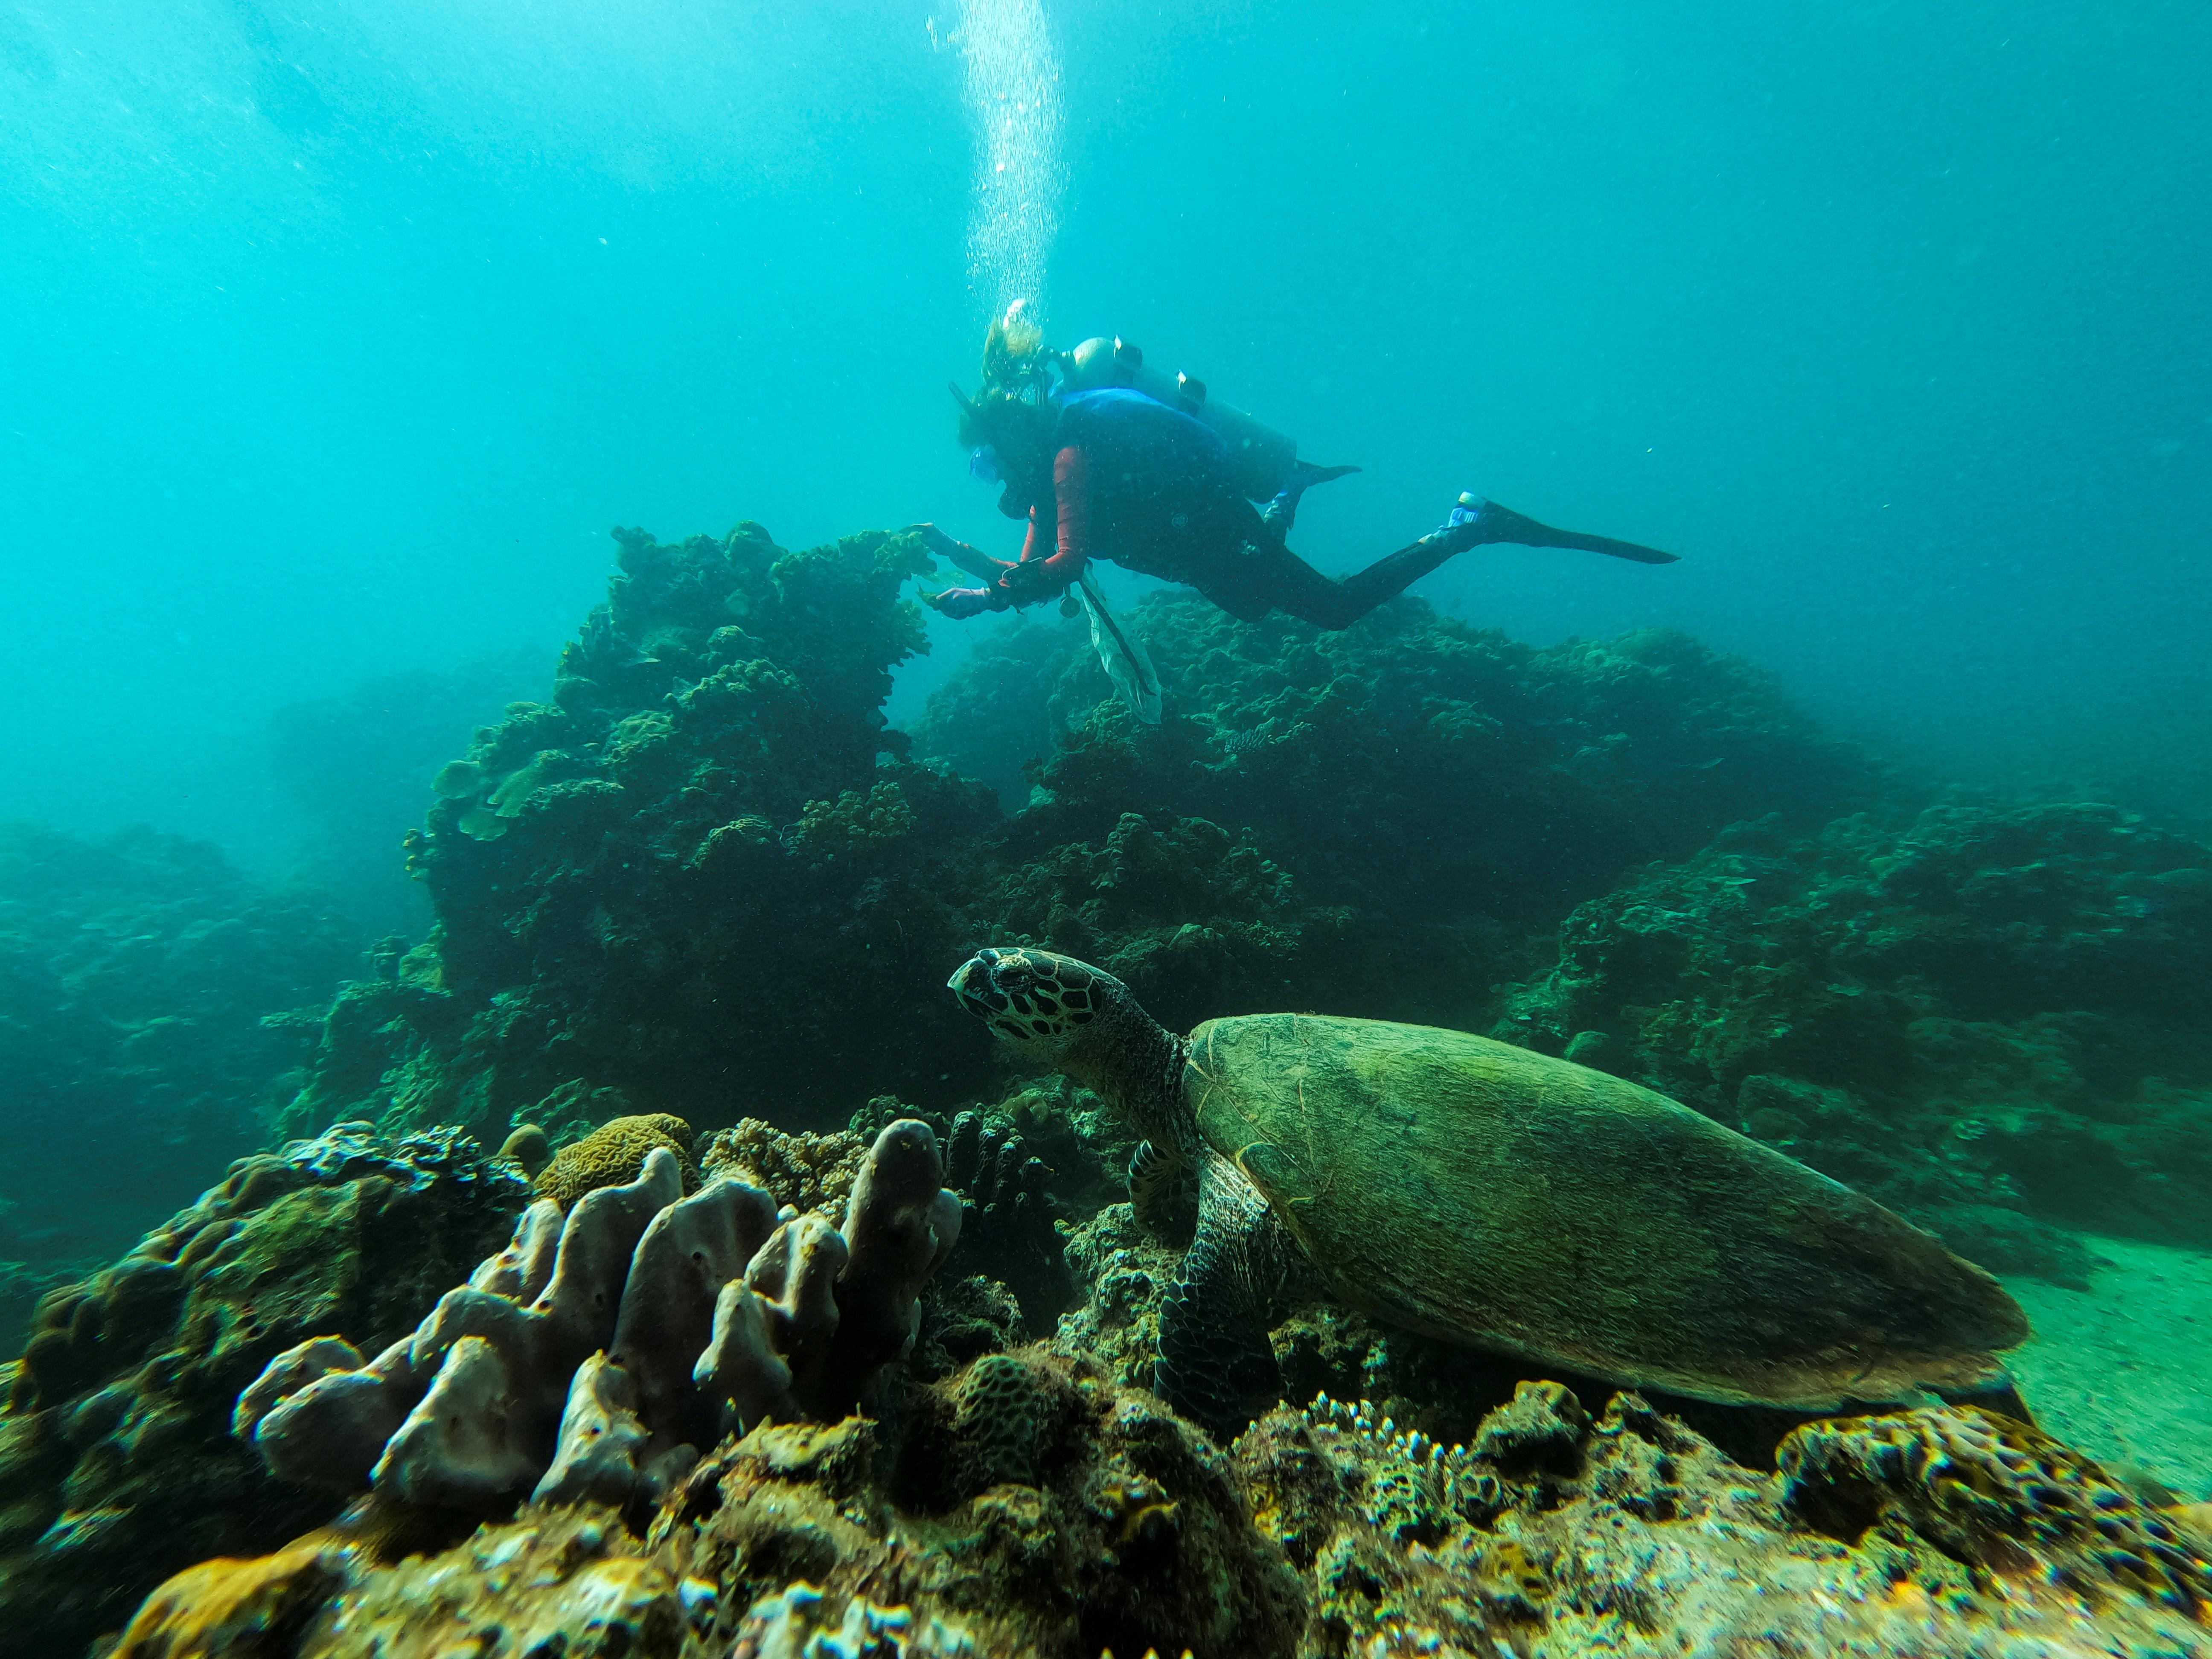 Huấn luyện viên lặn Carmela Sevilla nhặt rác nhựa trong khi một con rùa biển được nhìn thấy ở phía trước trong một chuyến đi dọn dẹp dưới nước ở Bauan, tỉnh Batangas, Philippines, ngày 18 tháng 9 năm 2021. REUTERS / Peter Blaza